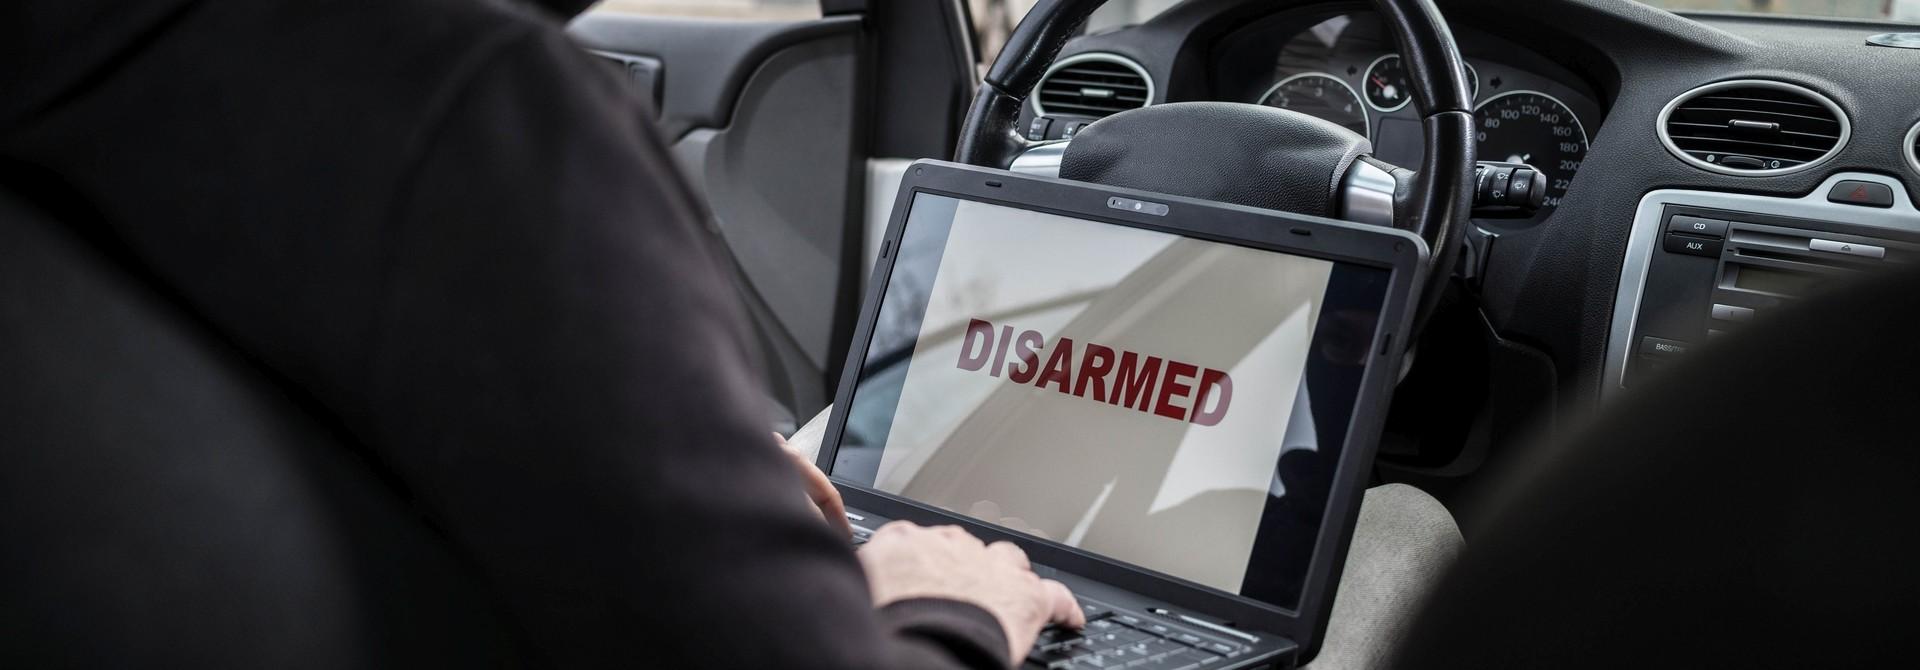 Autodiefstallen in 2019 weer toegenomen